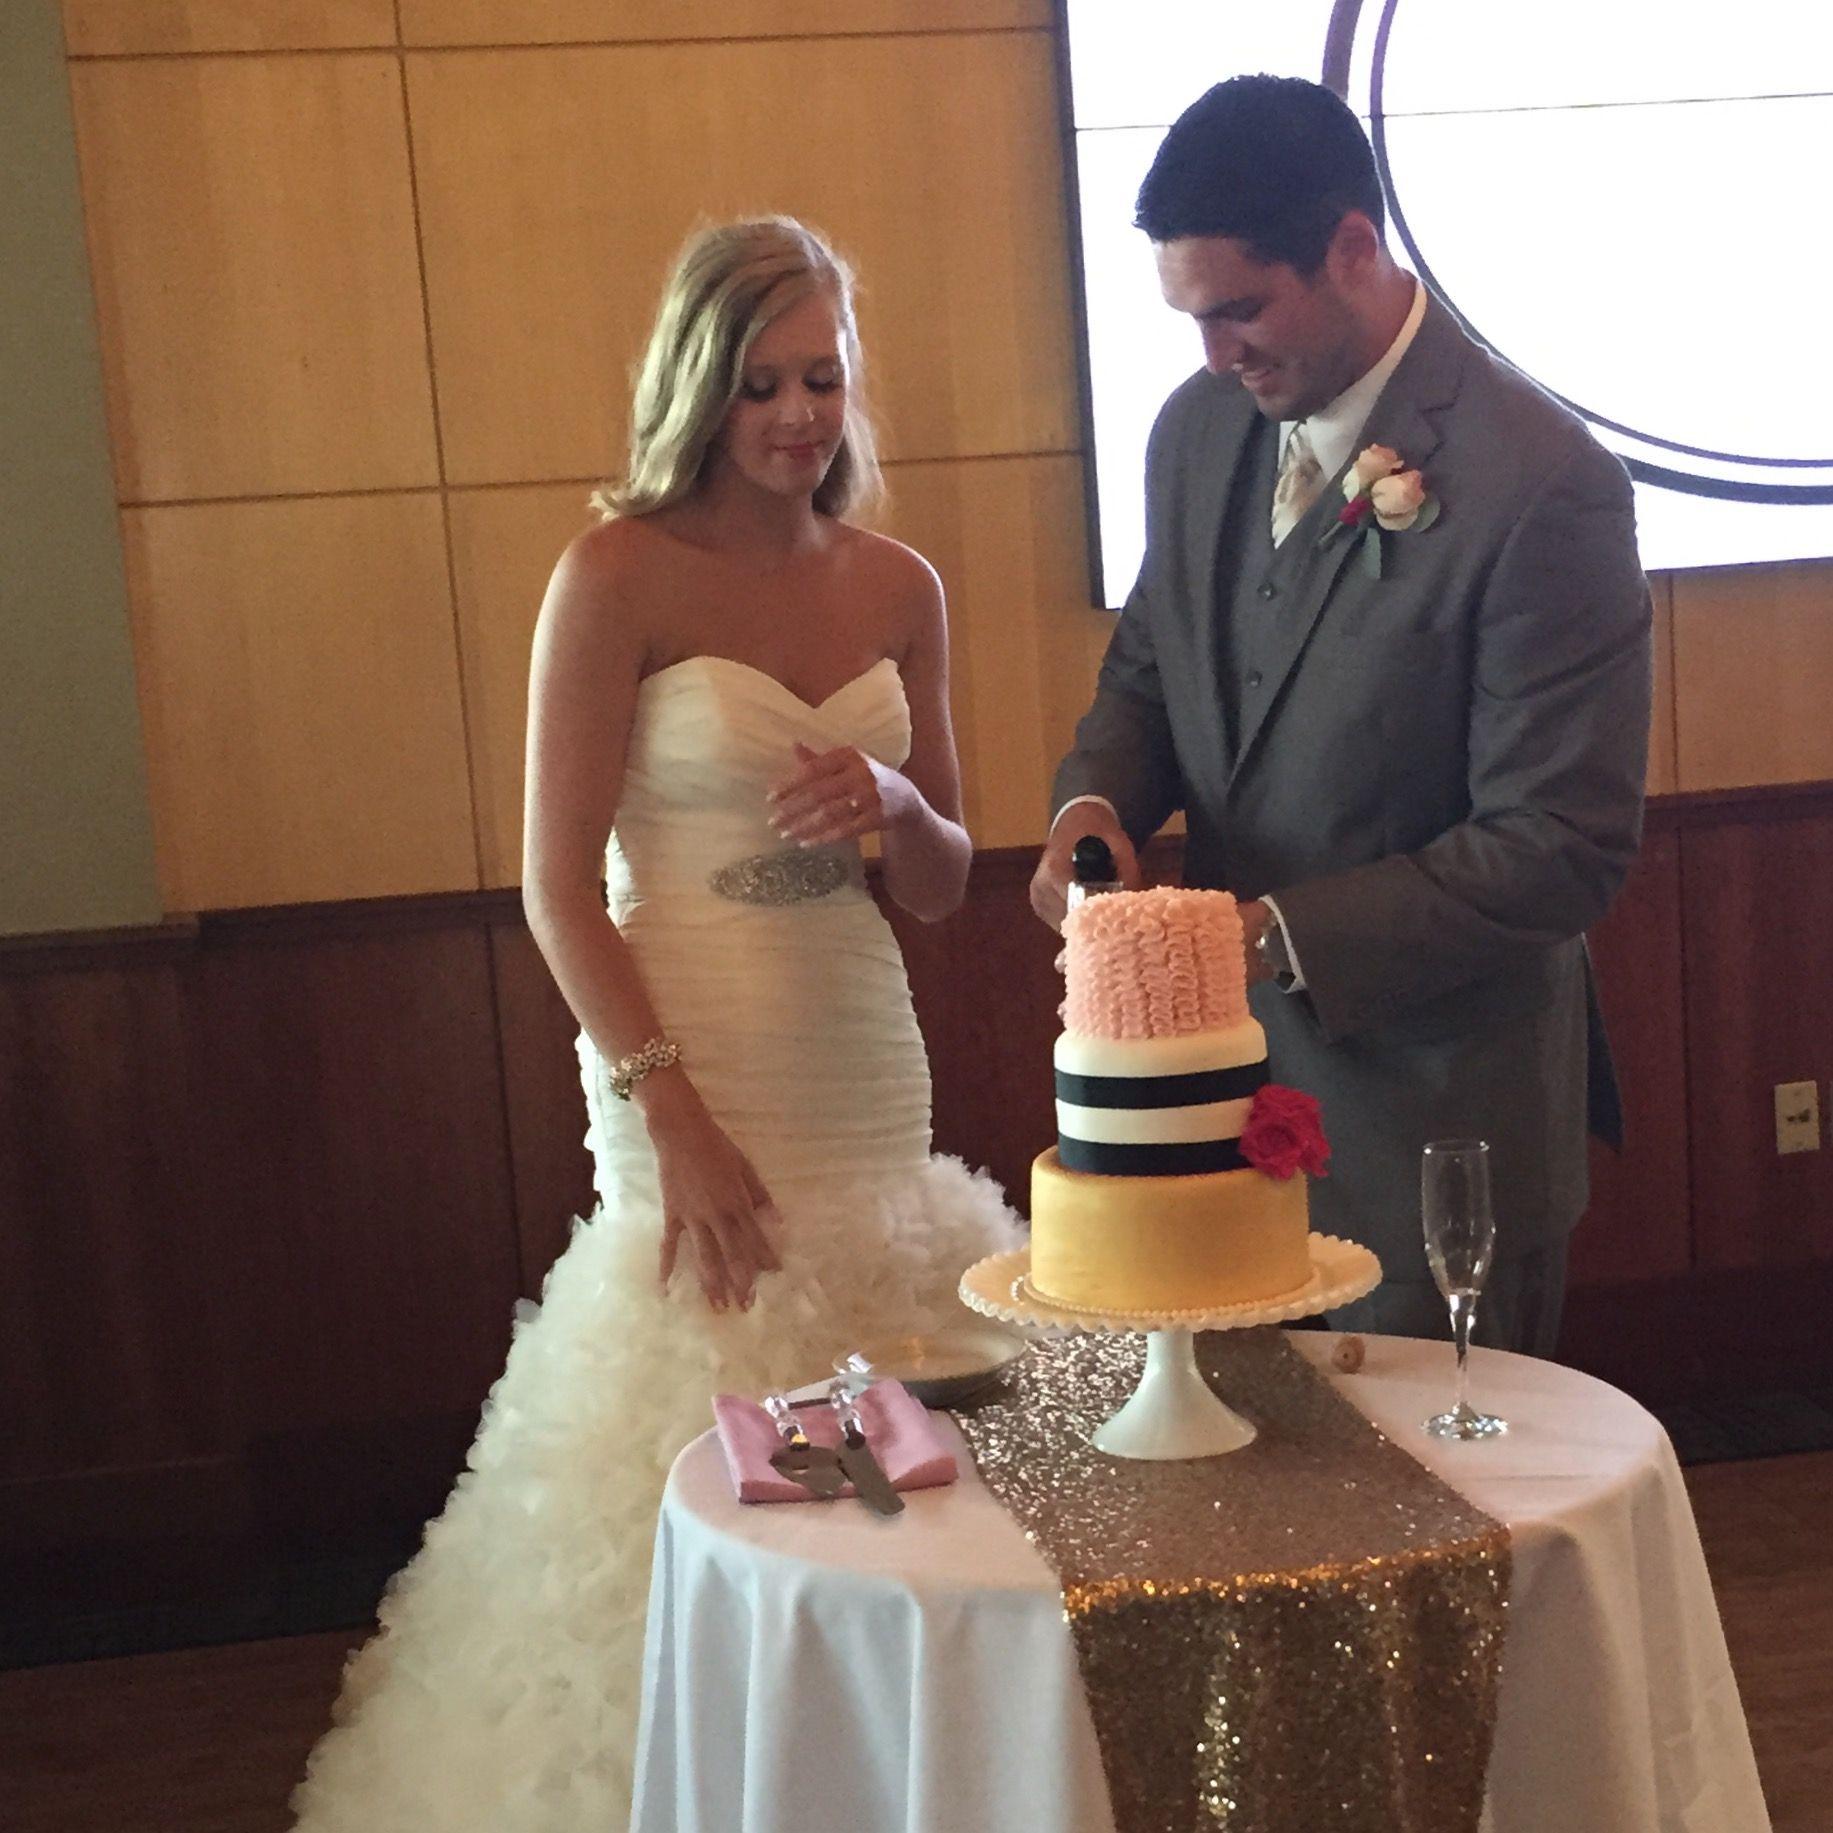 Brooke + Paul | 7.25.2015 | #nebraskabride #nebraskawedding #LNK #reception